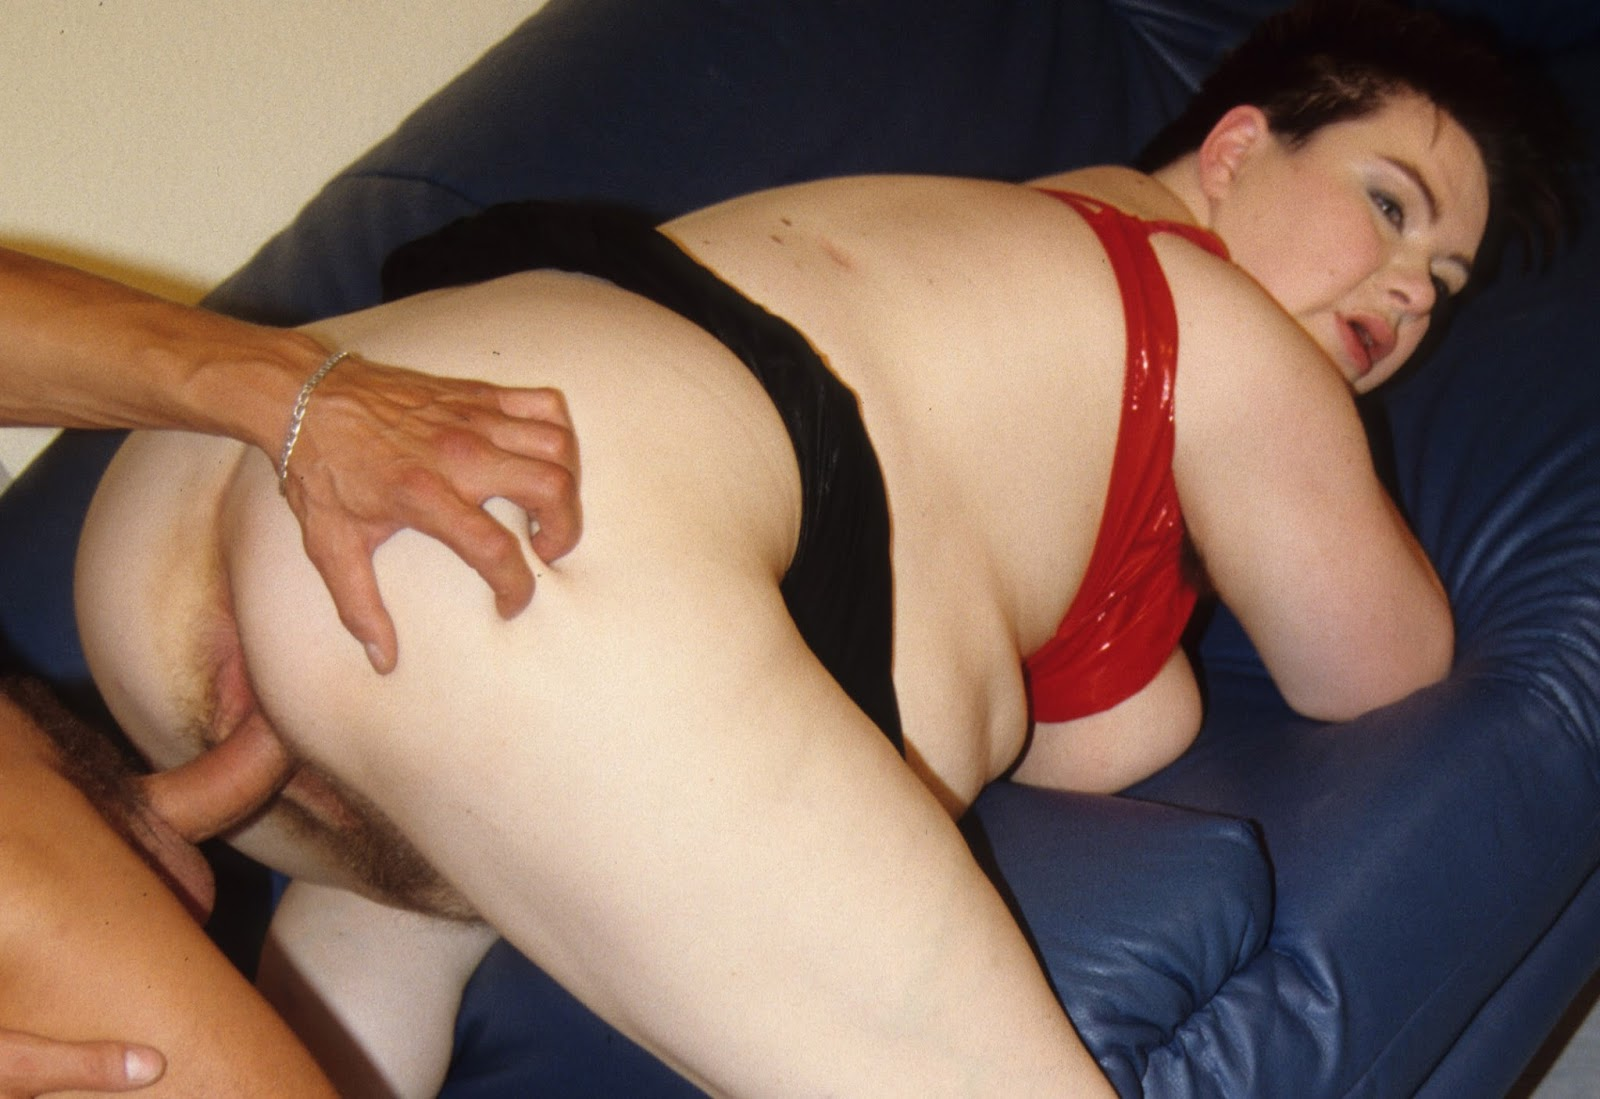 peluda follando orgias amater